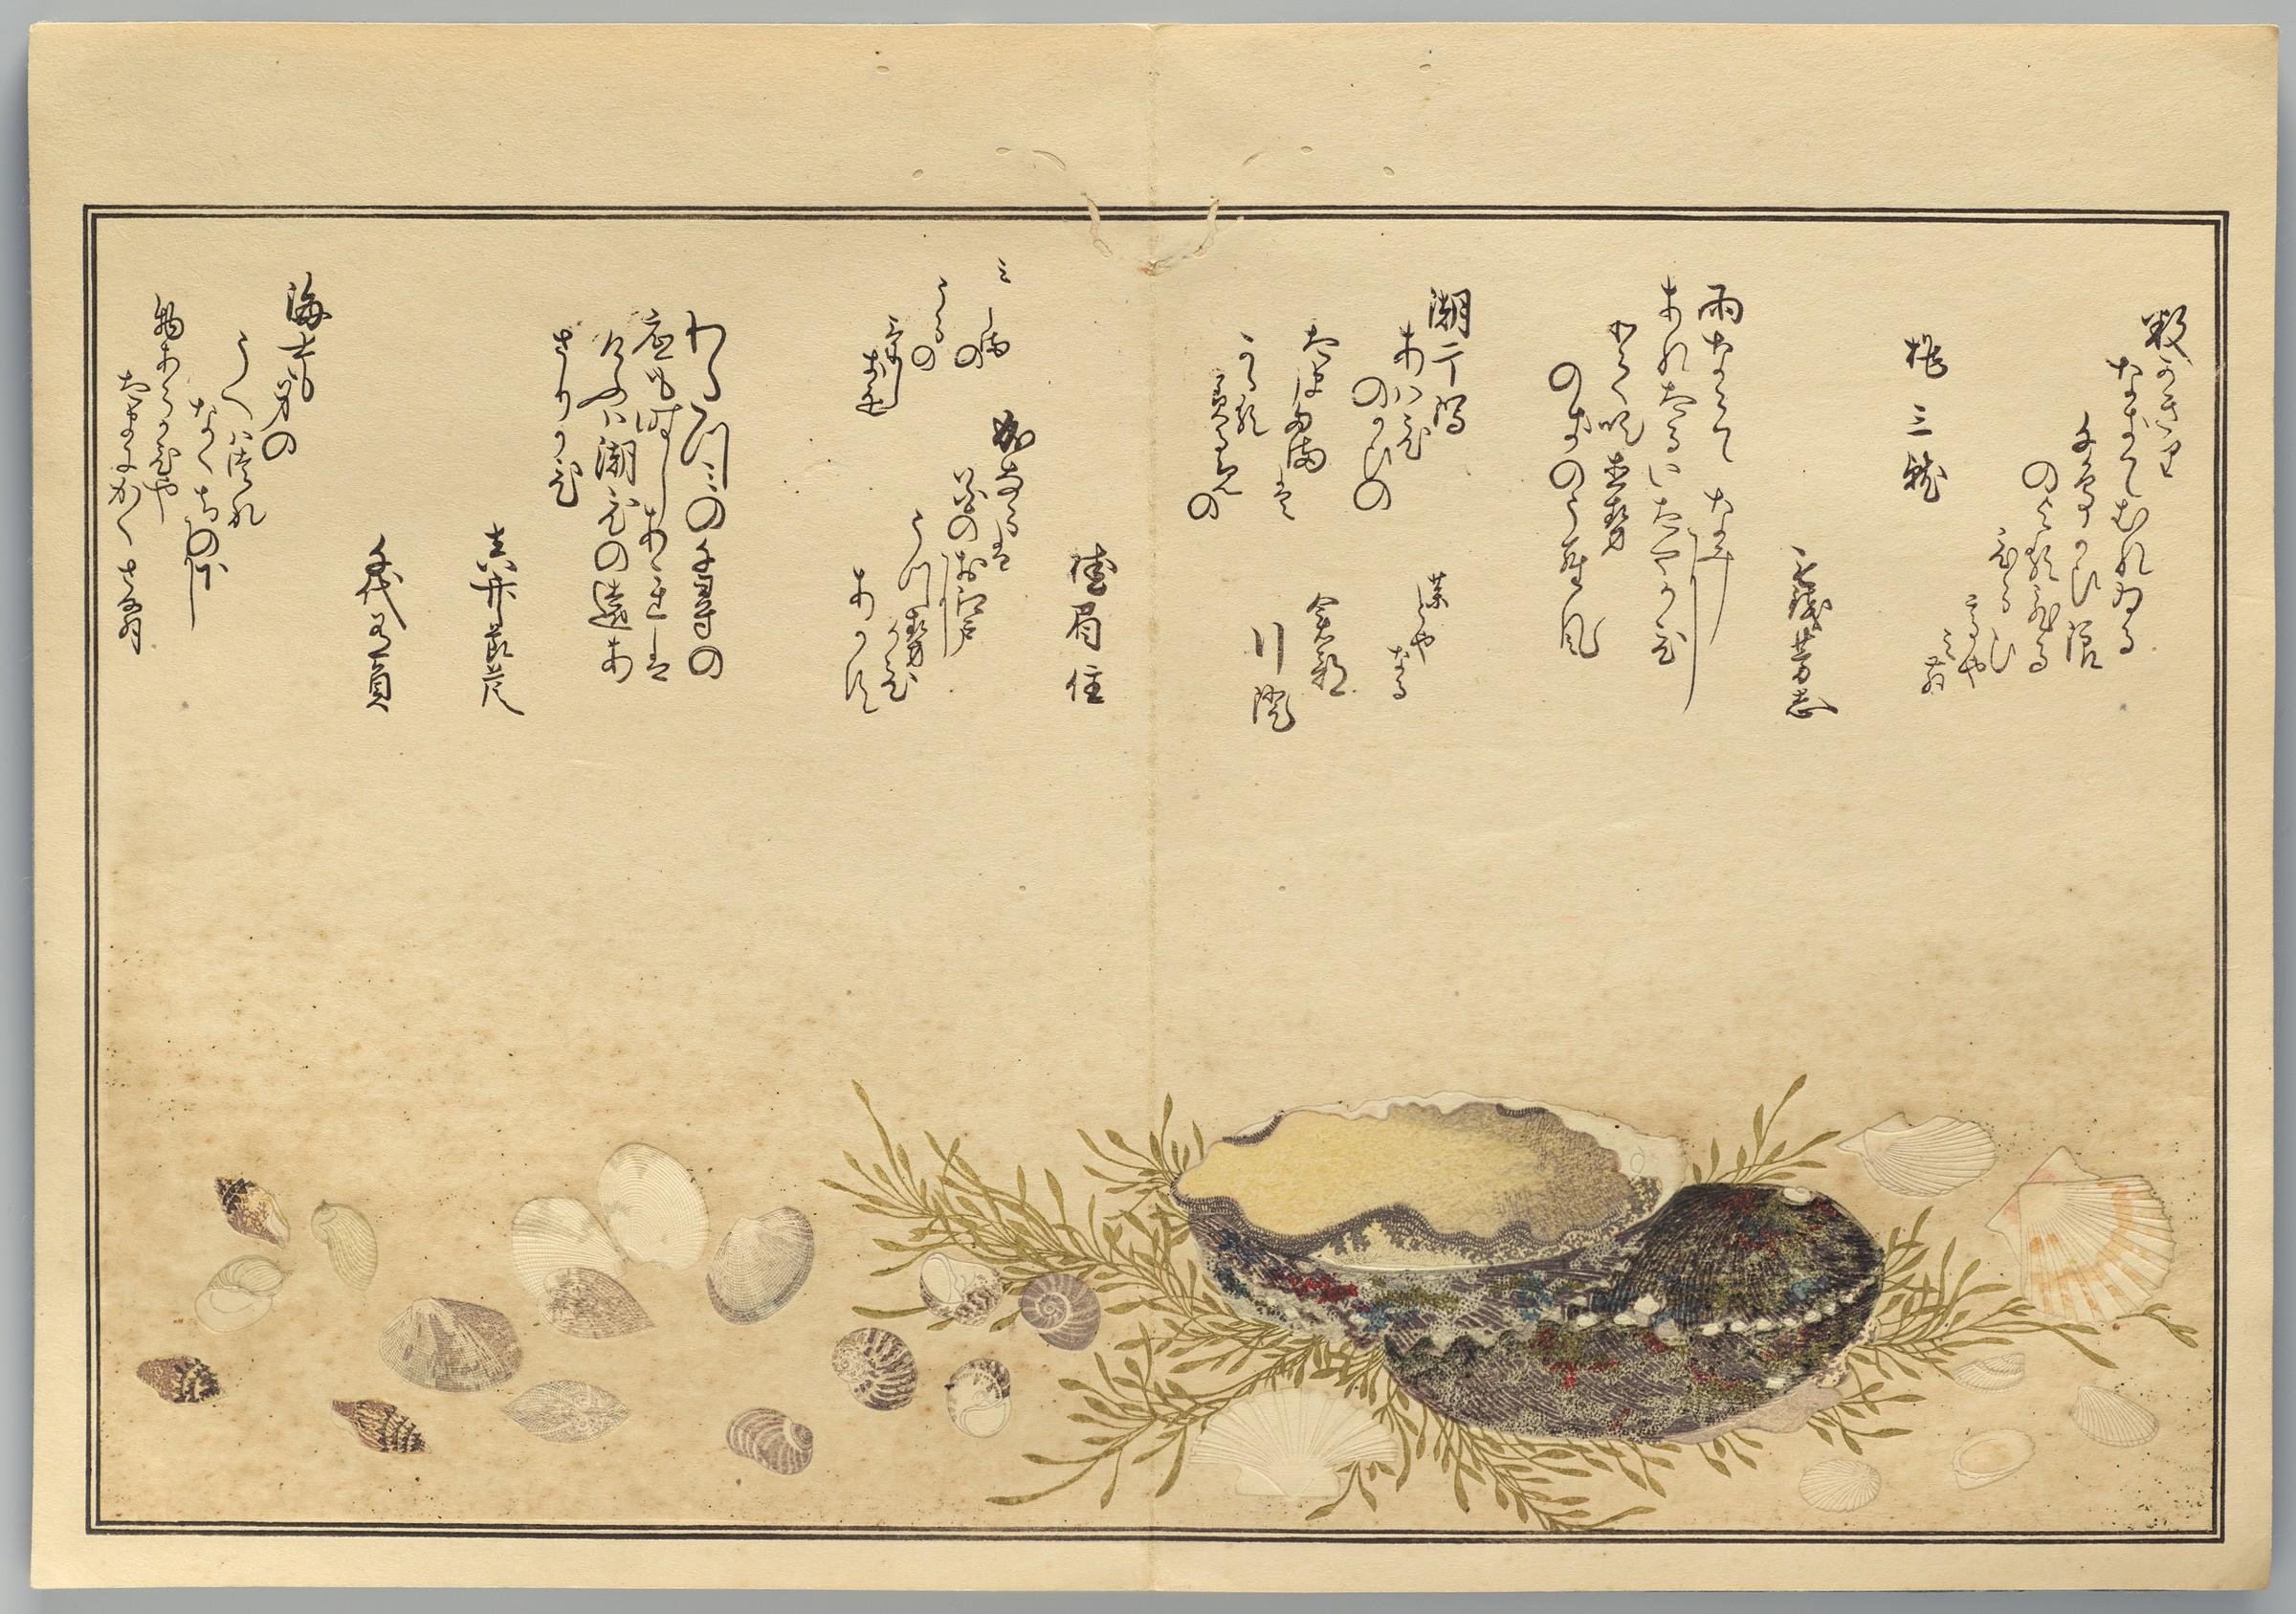 Page from the woodblock-printed book by Kitagawa Utamaro depicting seashells.